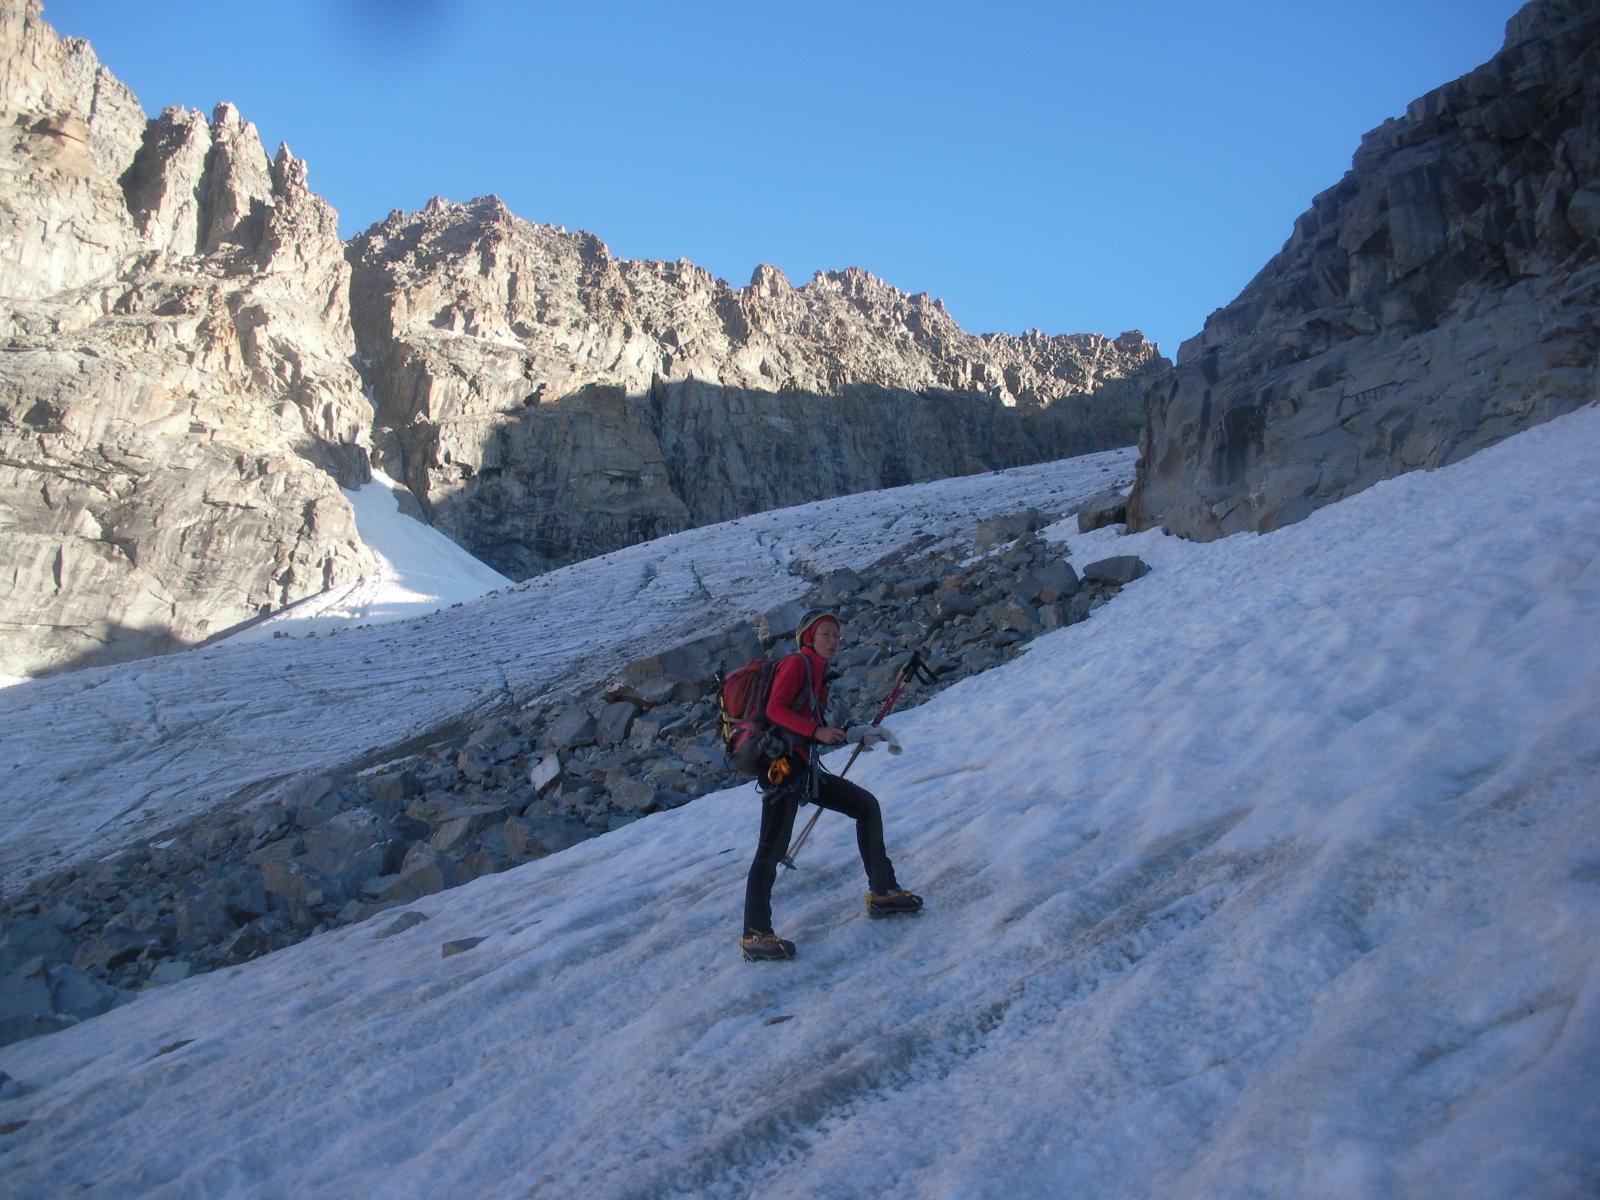 sul ghiacciaio di Roccia Viva..verso la Testa di Money..